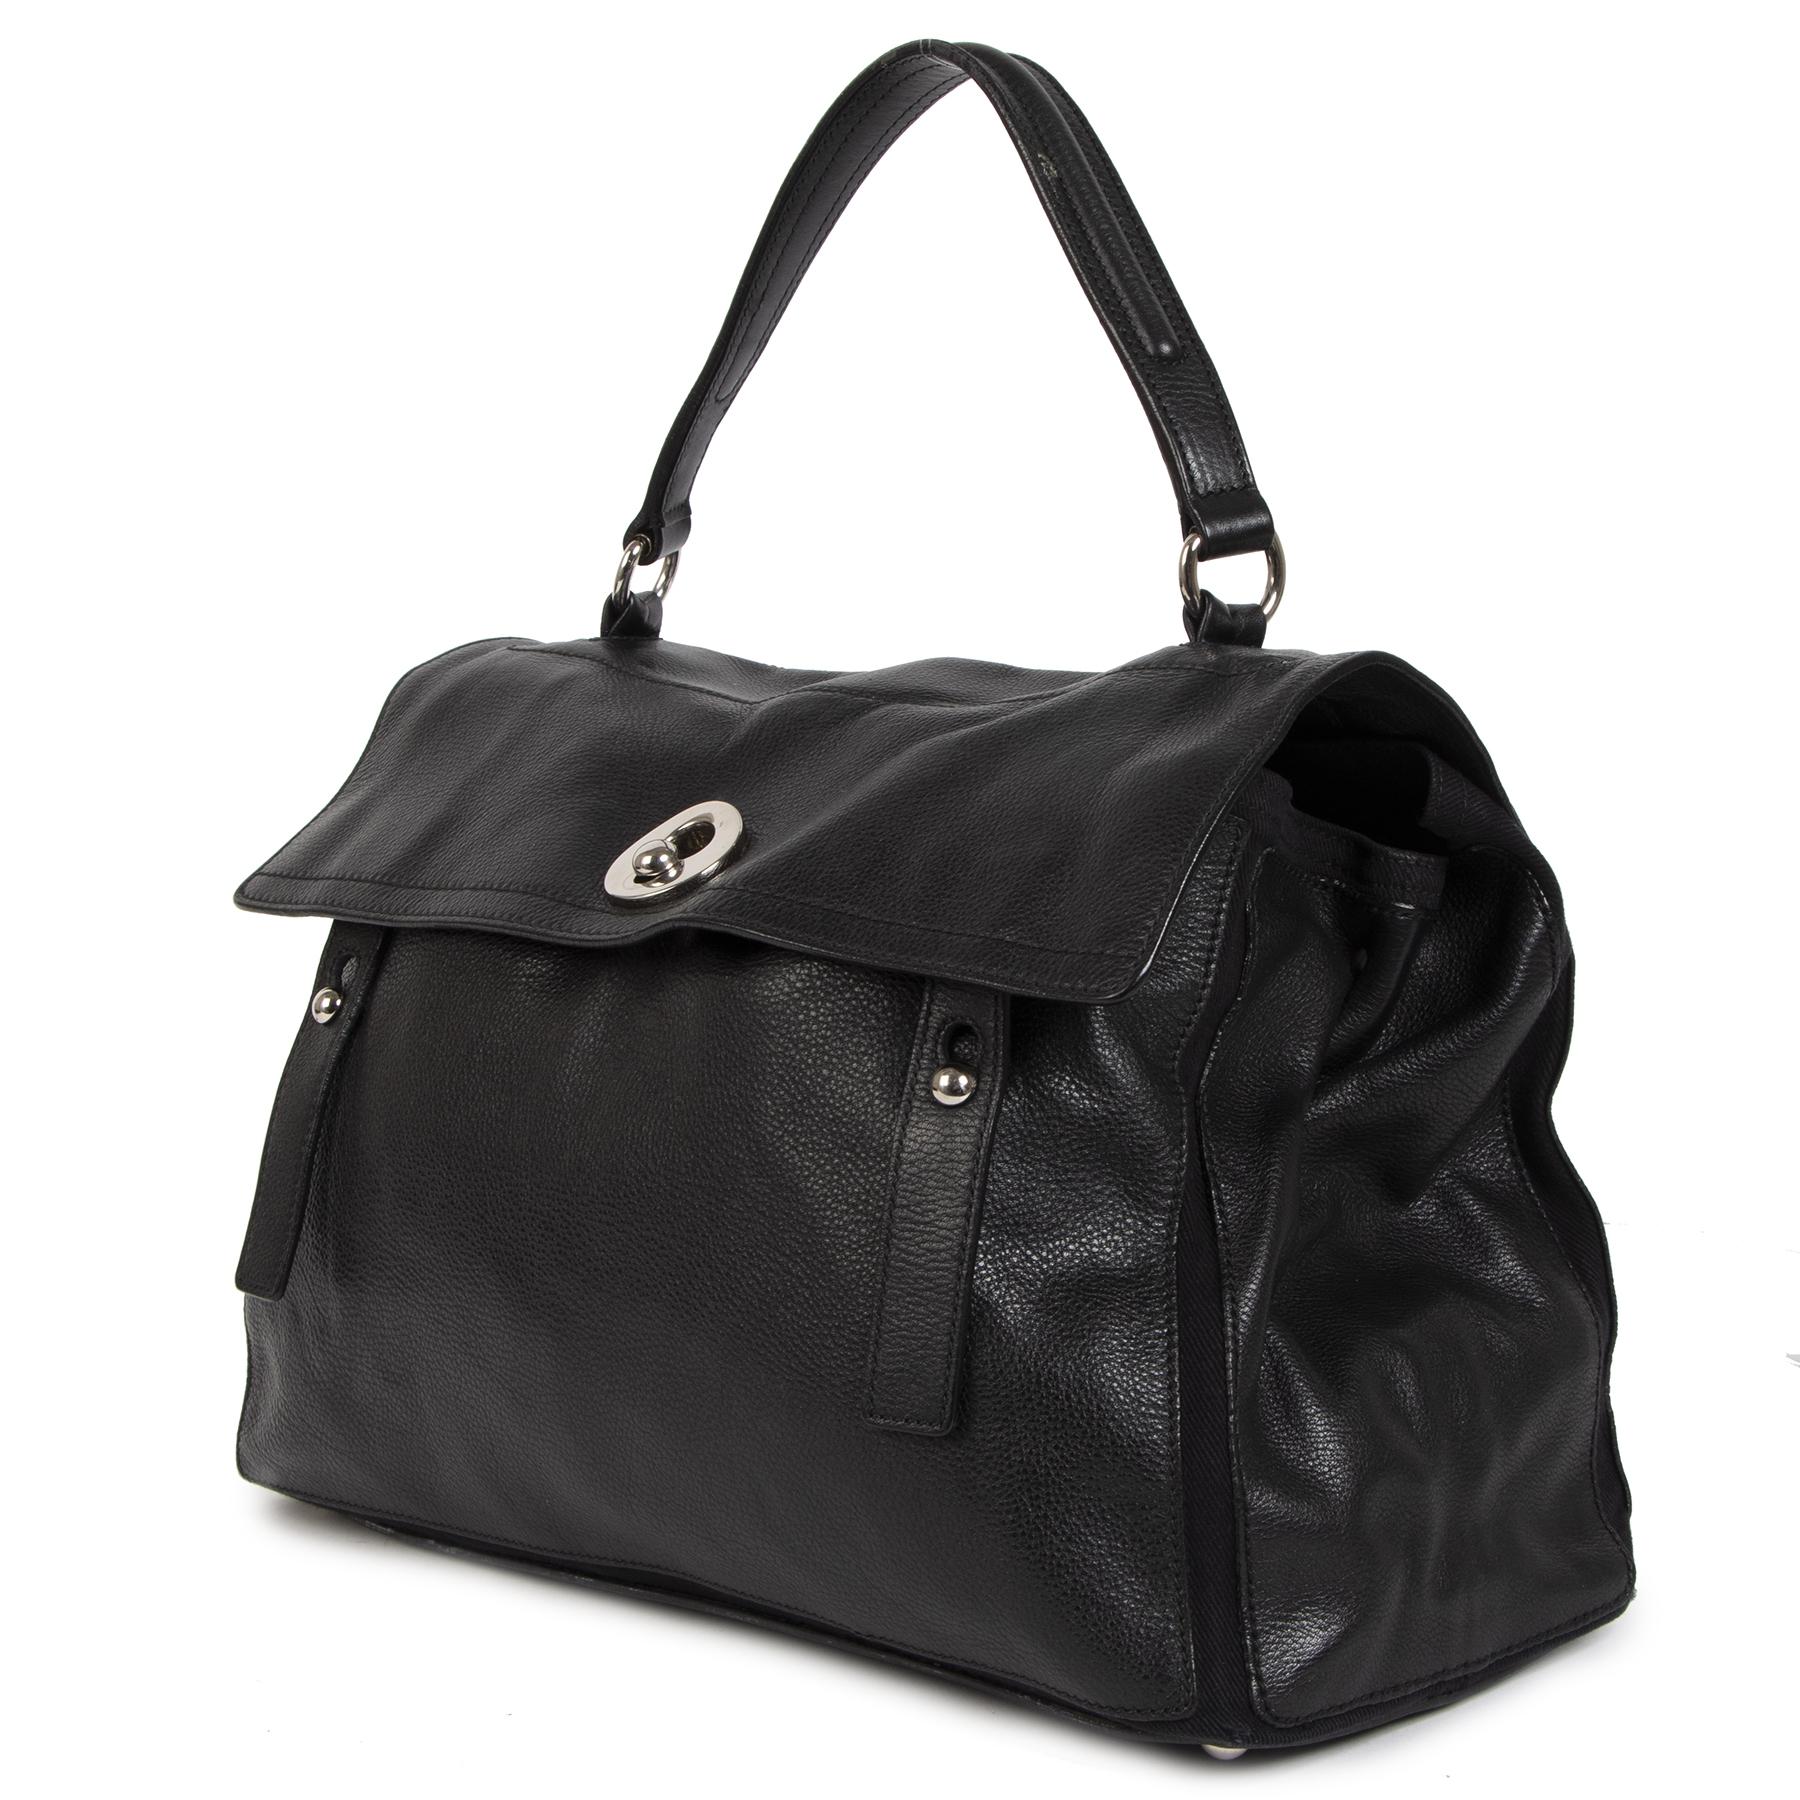 Yves Saint Laurent Muse Two Black Leather Bag pour le meilleur prix chez Labellov à Anvers